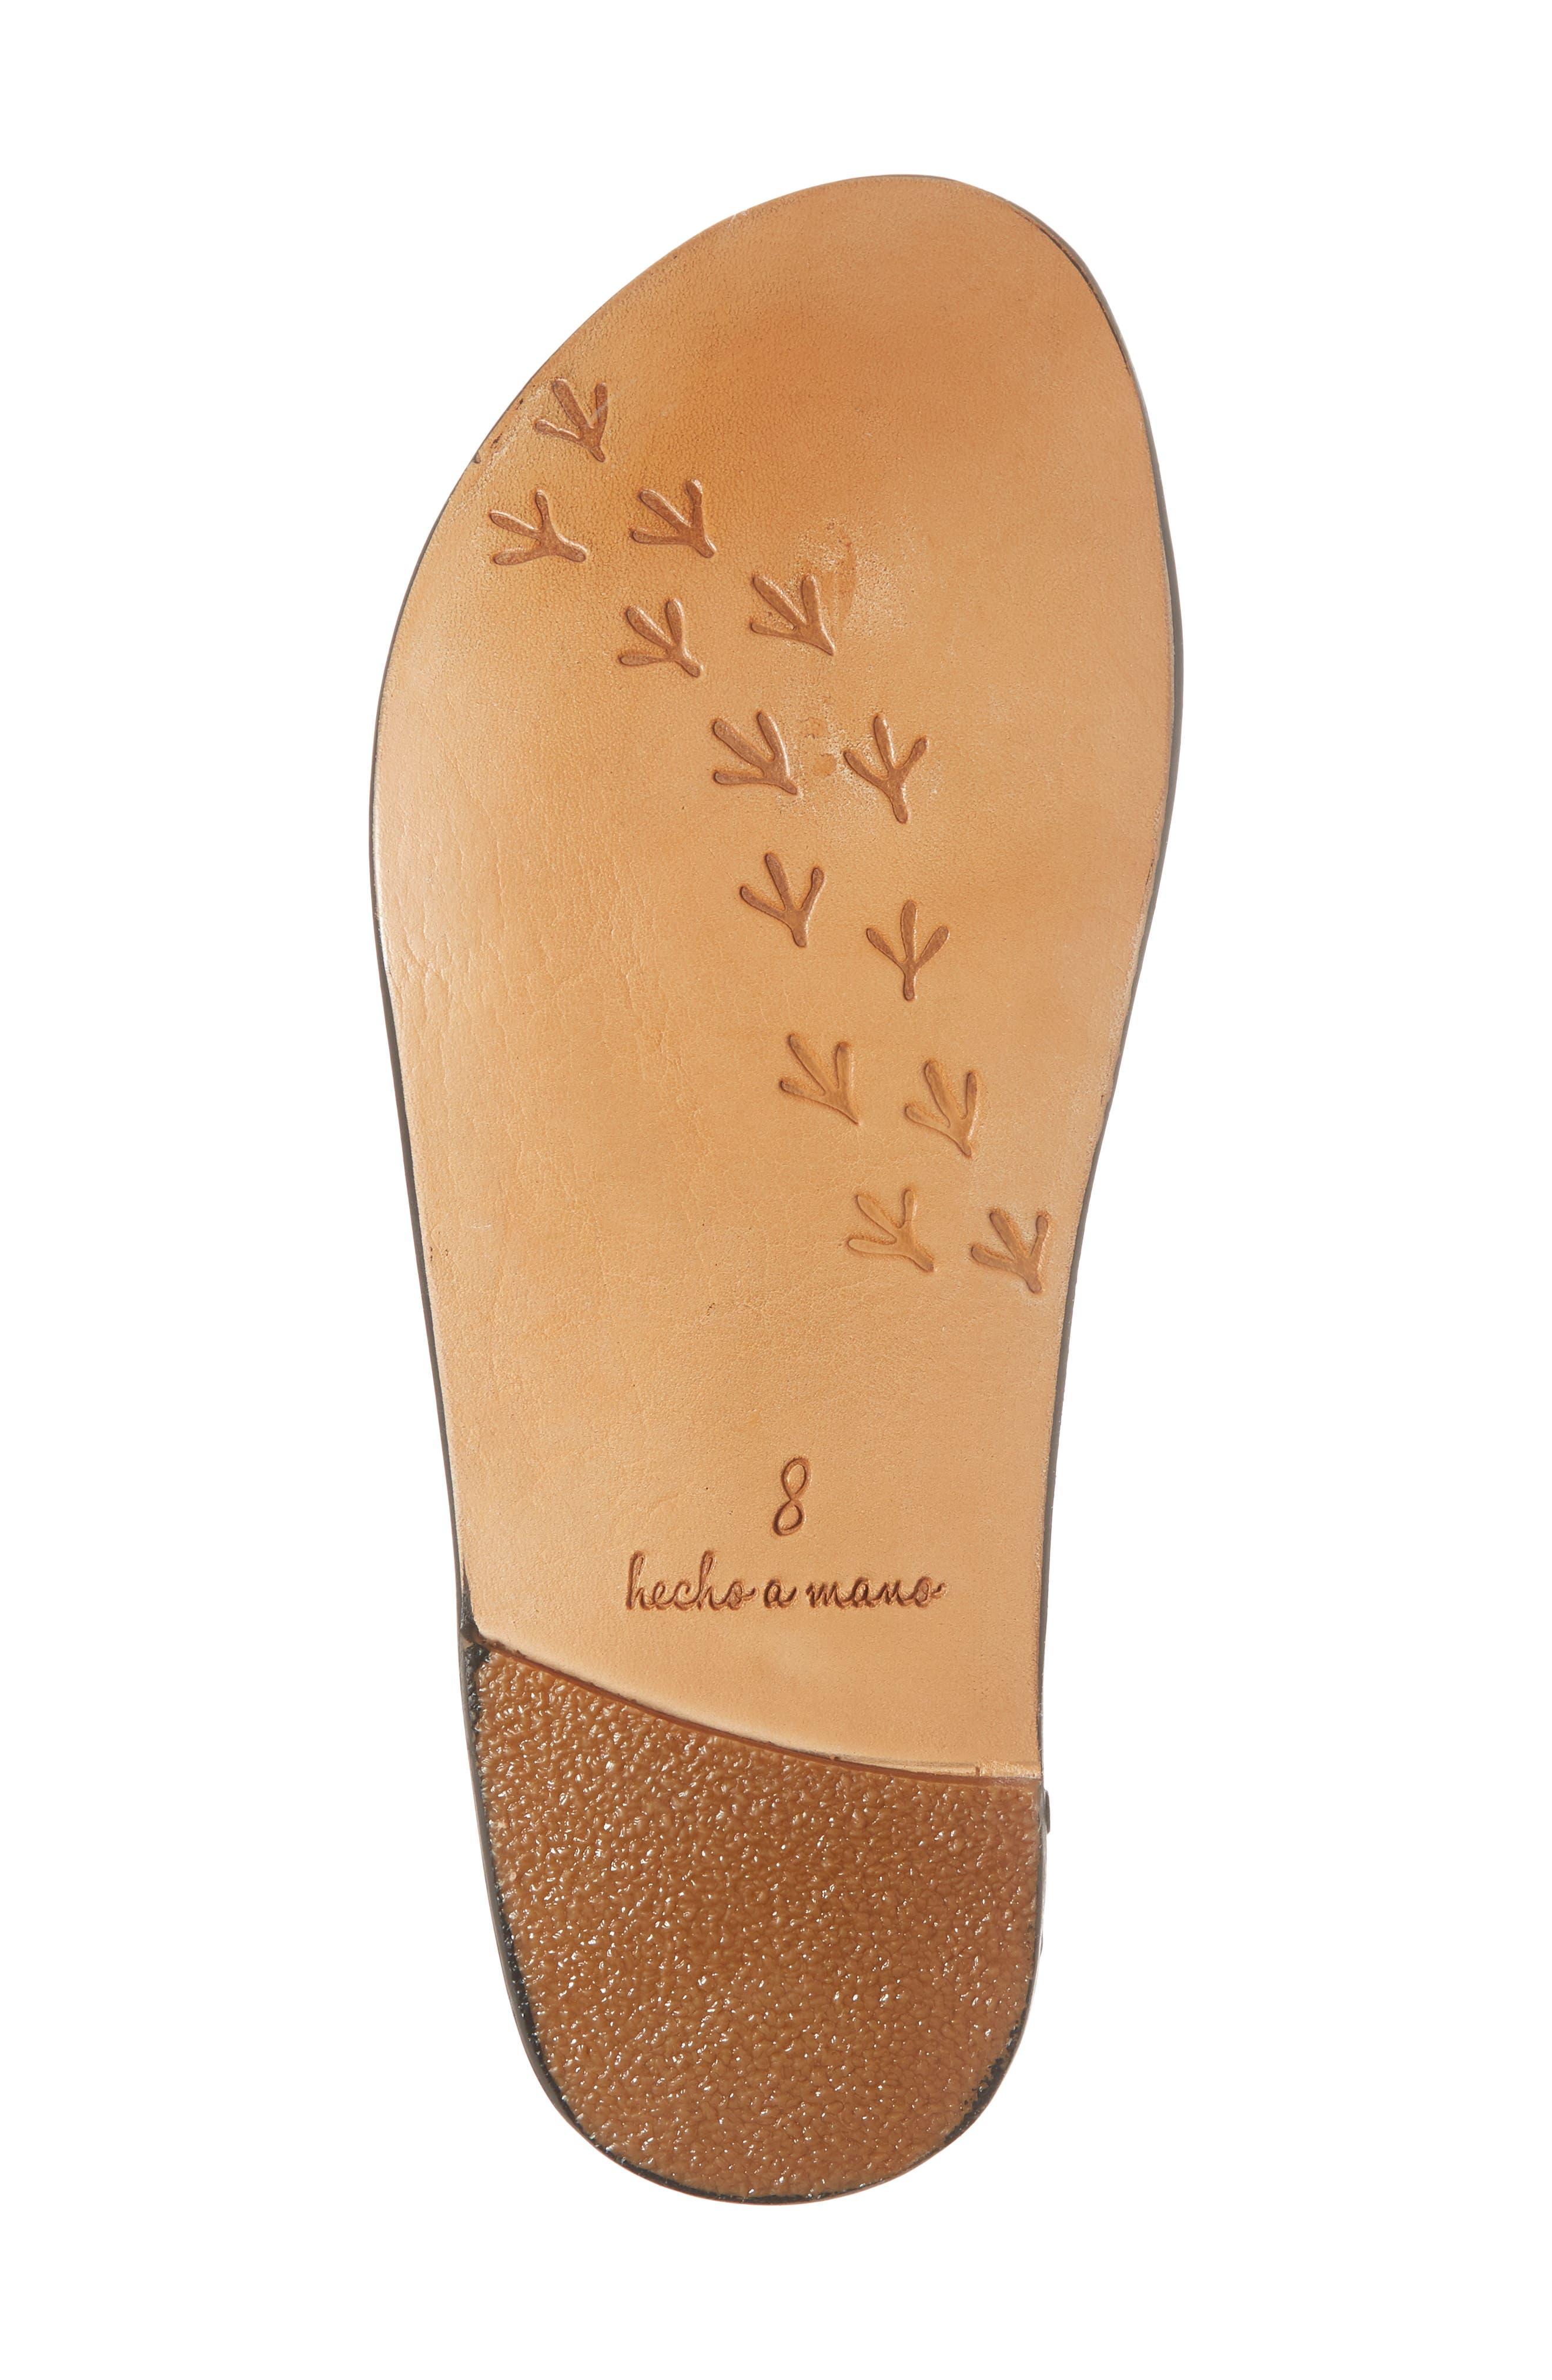 Lovebird Embroidered Slide Sandal,                             Alternate thumbnail 6, color,                             001